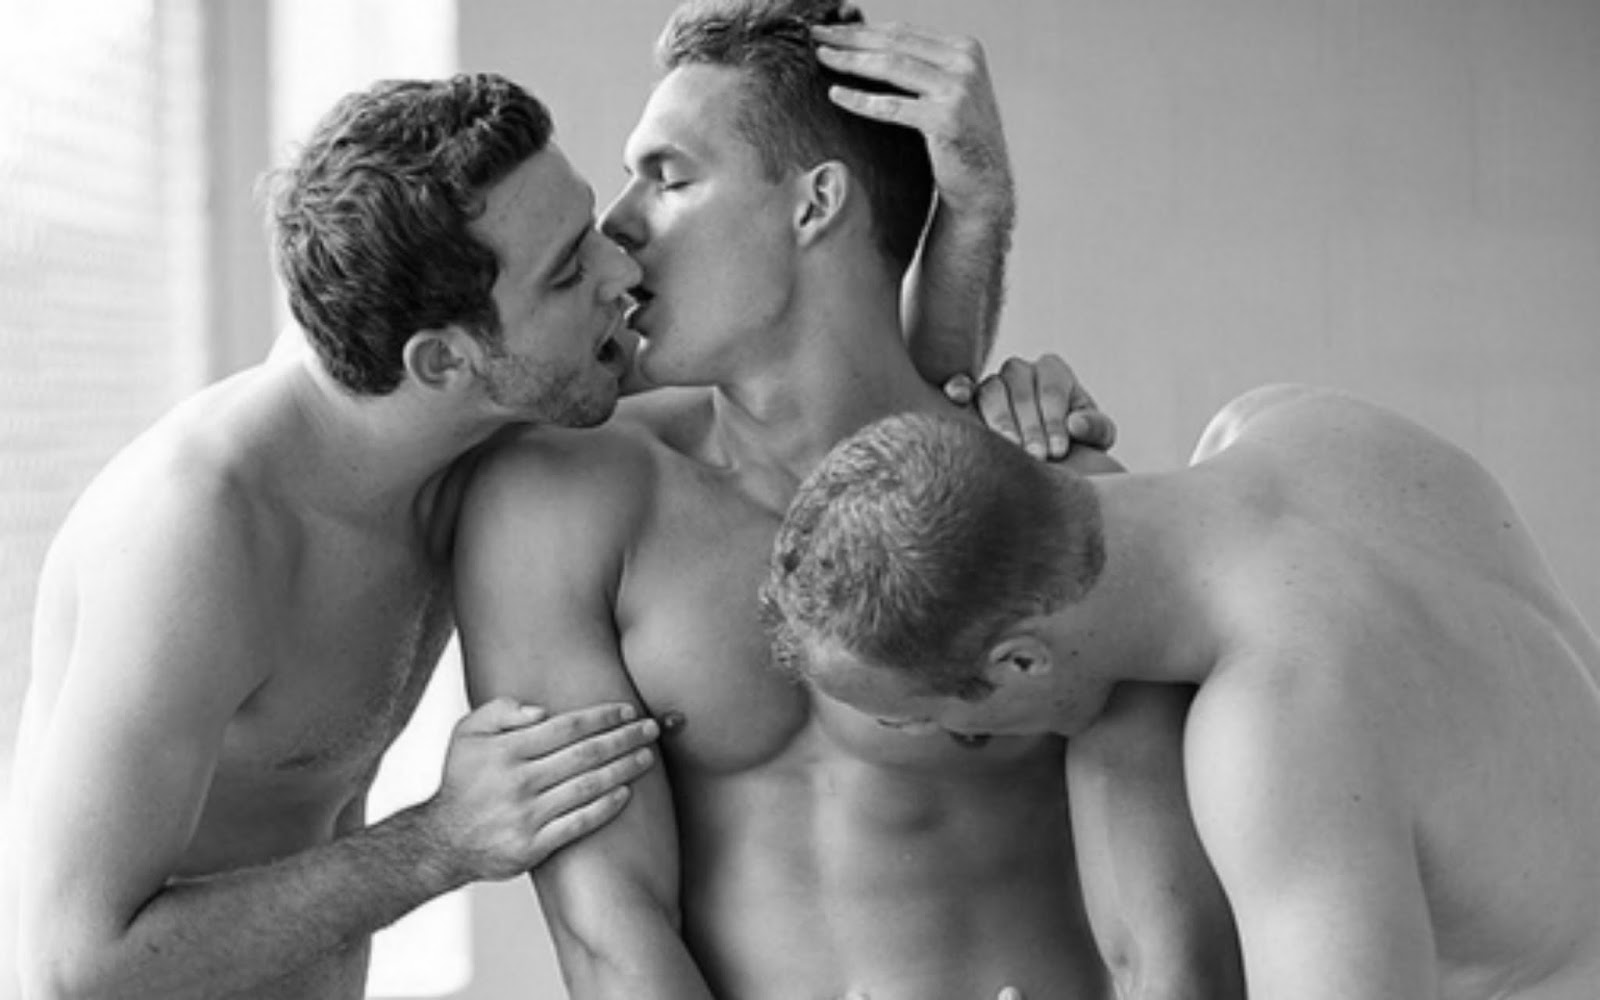 Desejar sexo a três não significa insatisfação com o parceiro